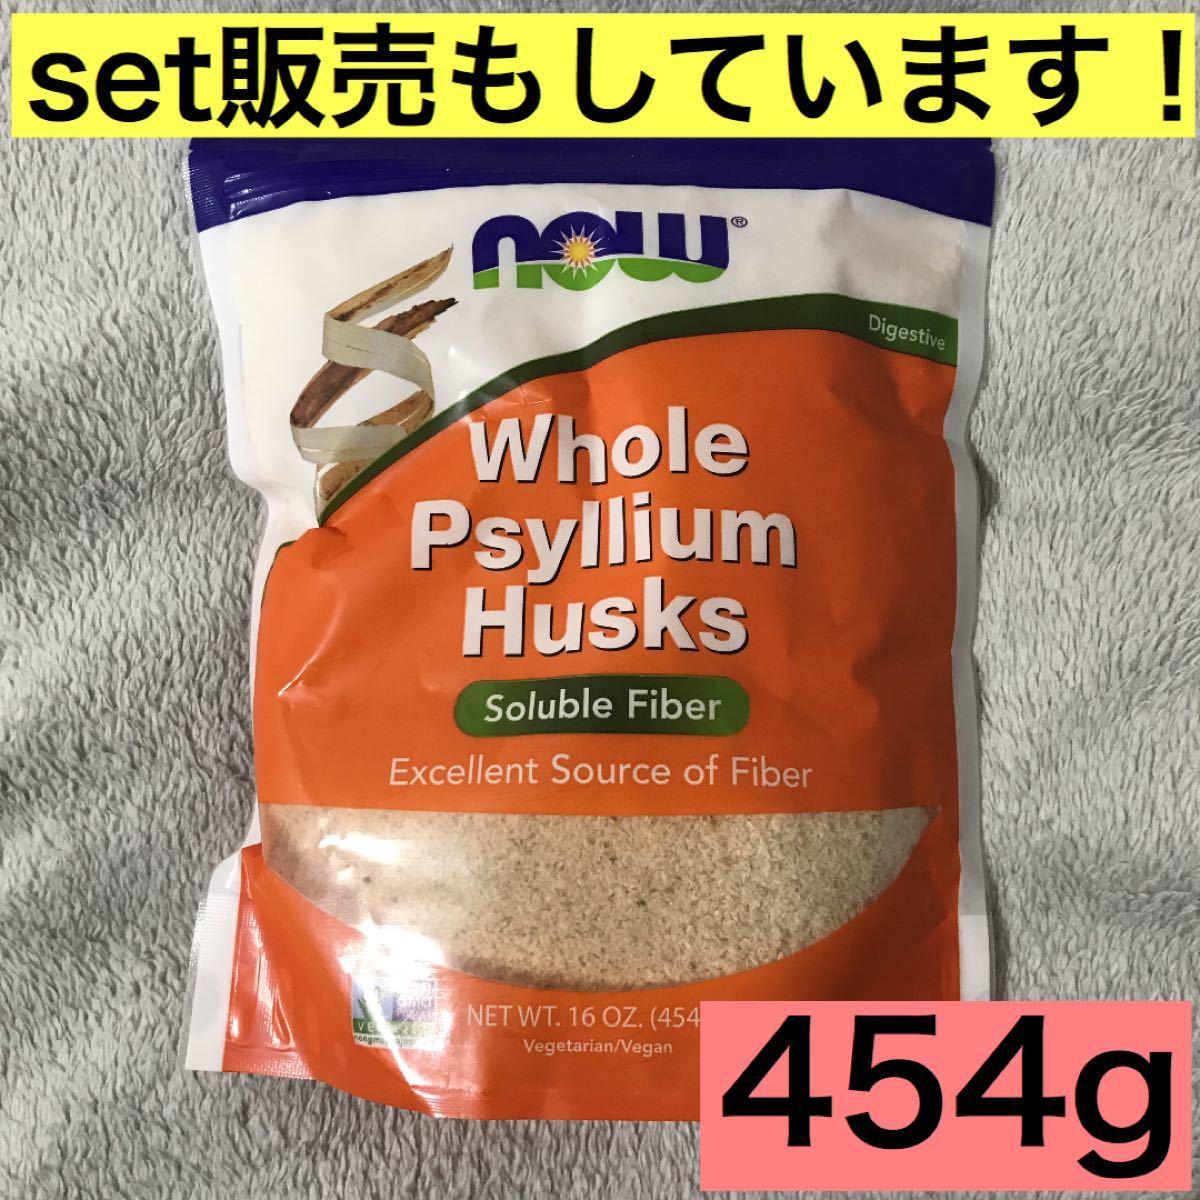 ハスク サイリウム ダイエッターも注目の食材「サイリウム」とは? 使い方は?